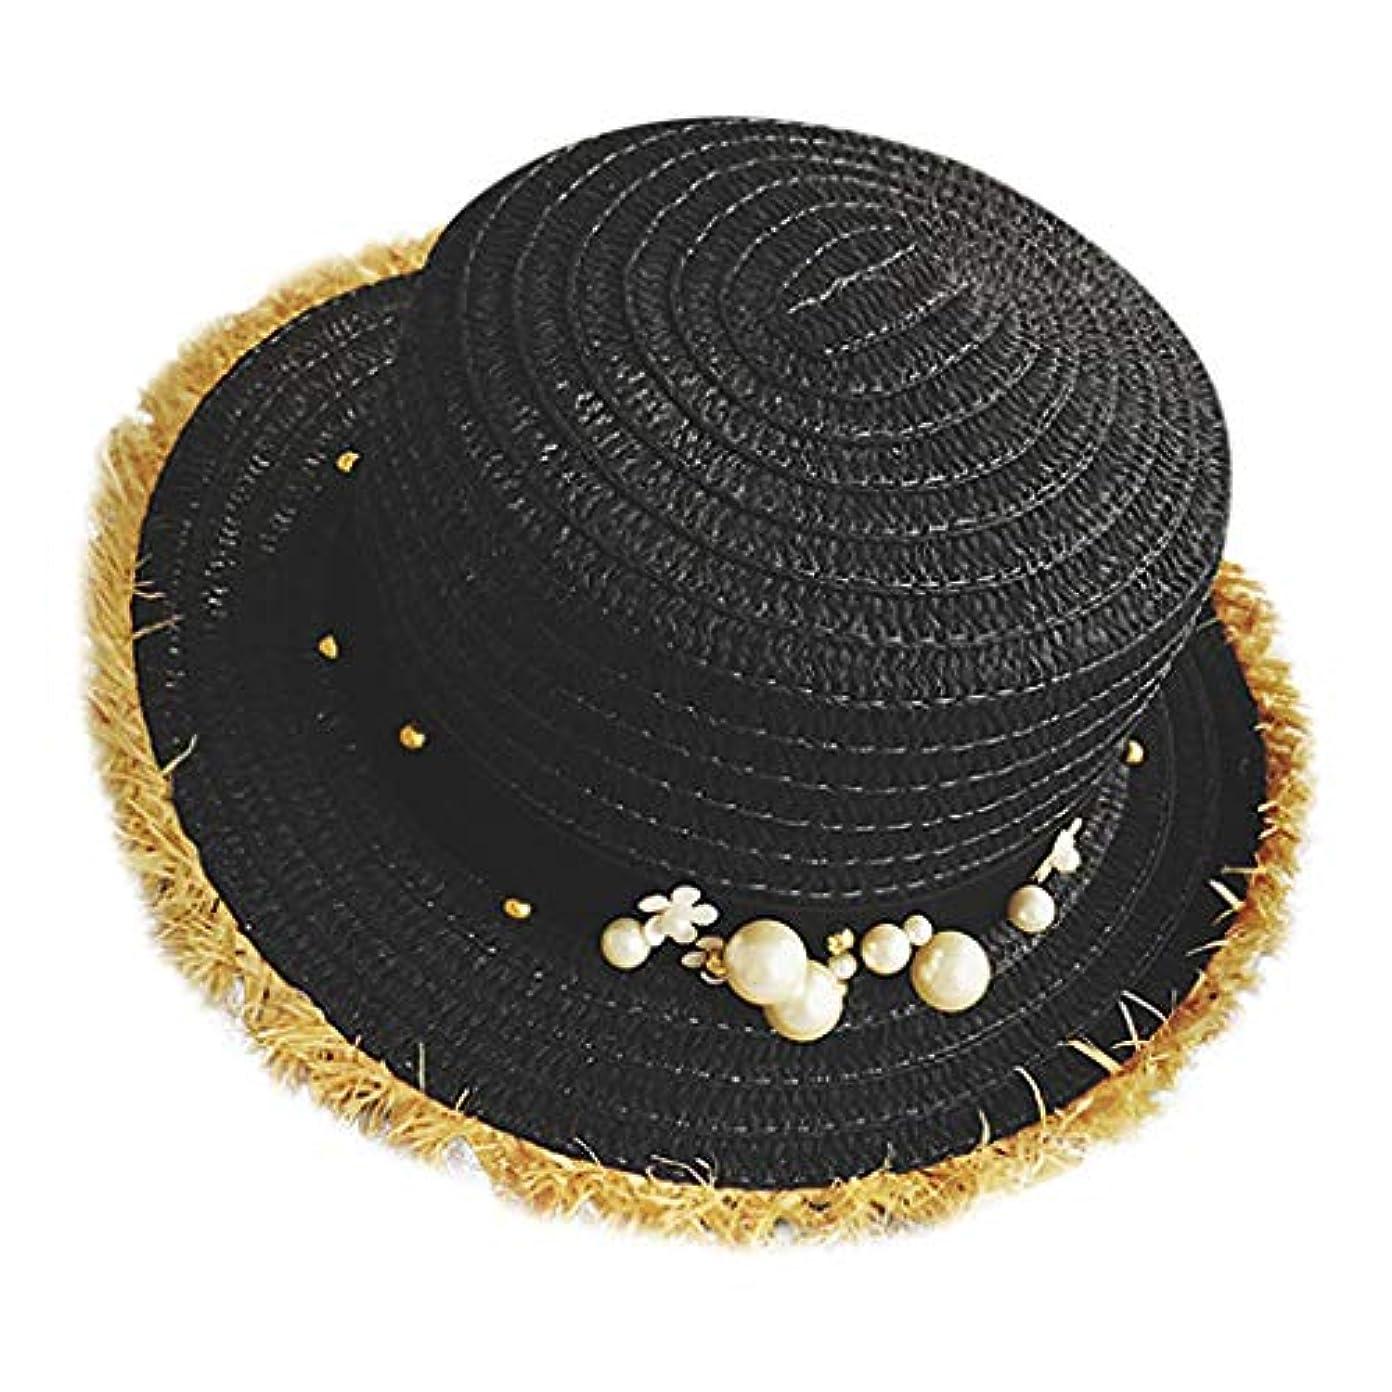 心臓健康的ほぼ帽子 レディース UVカット 帽子 麦わら帽子 UV帽子 紫外線対策 通気性 漁師の帽子 ニット帽 マニュアル 真珠 太陽 キャップ 余暇 休暇 キャップ レディース ハンチング帽 大きいサイズ 発送 ROSE ROMAN